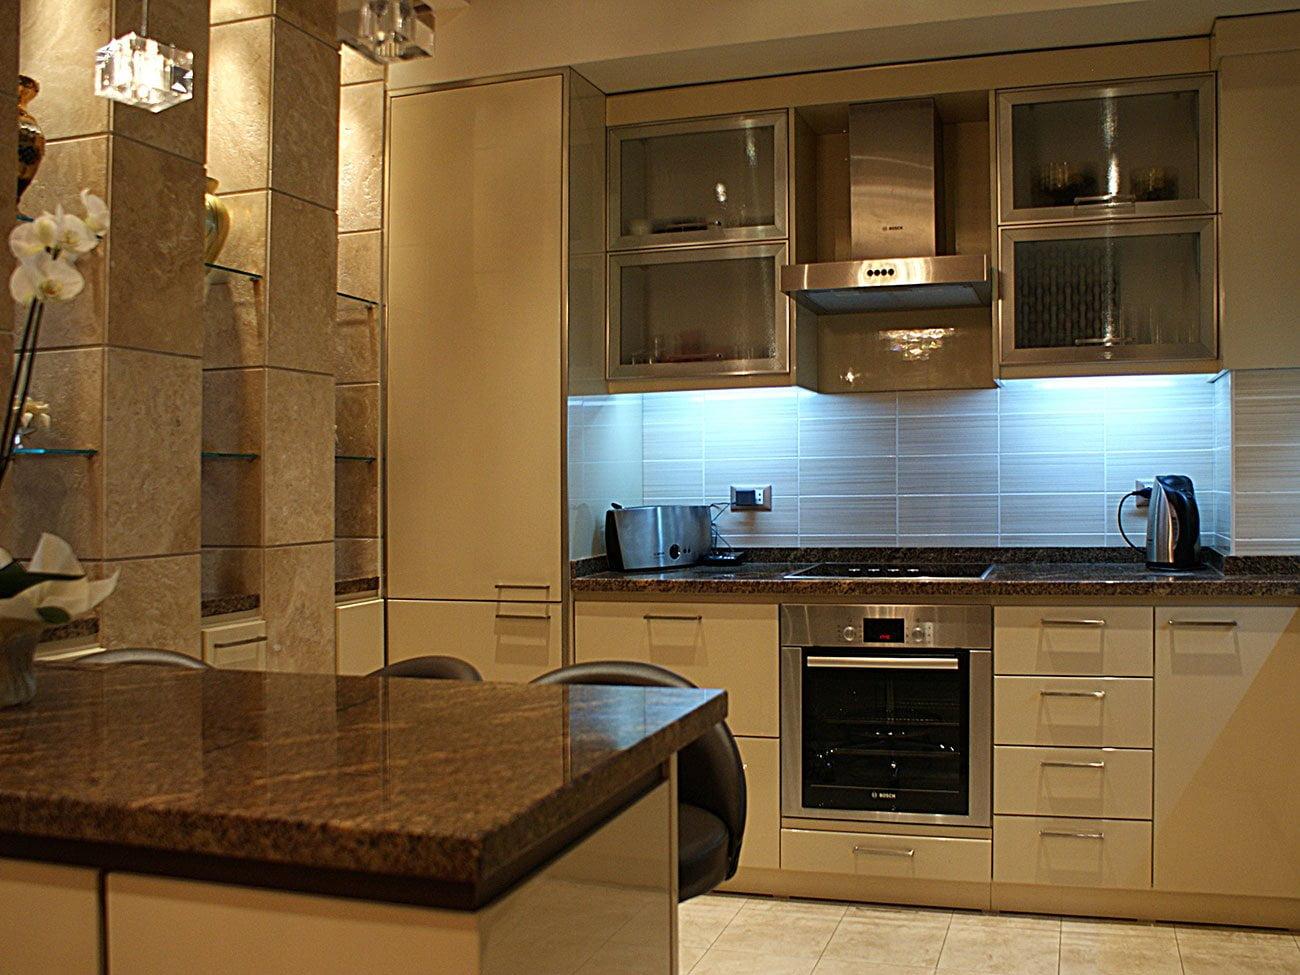 фото открытой небольшой кухни с барной стойкой, мебелью и необходимой техникой